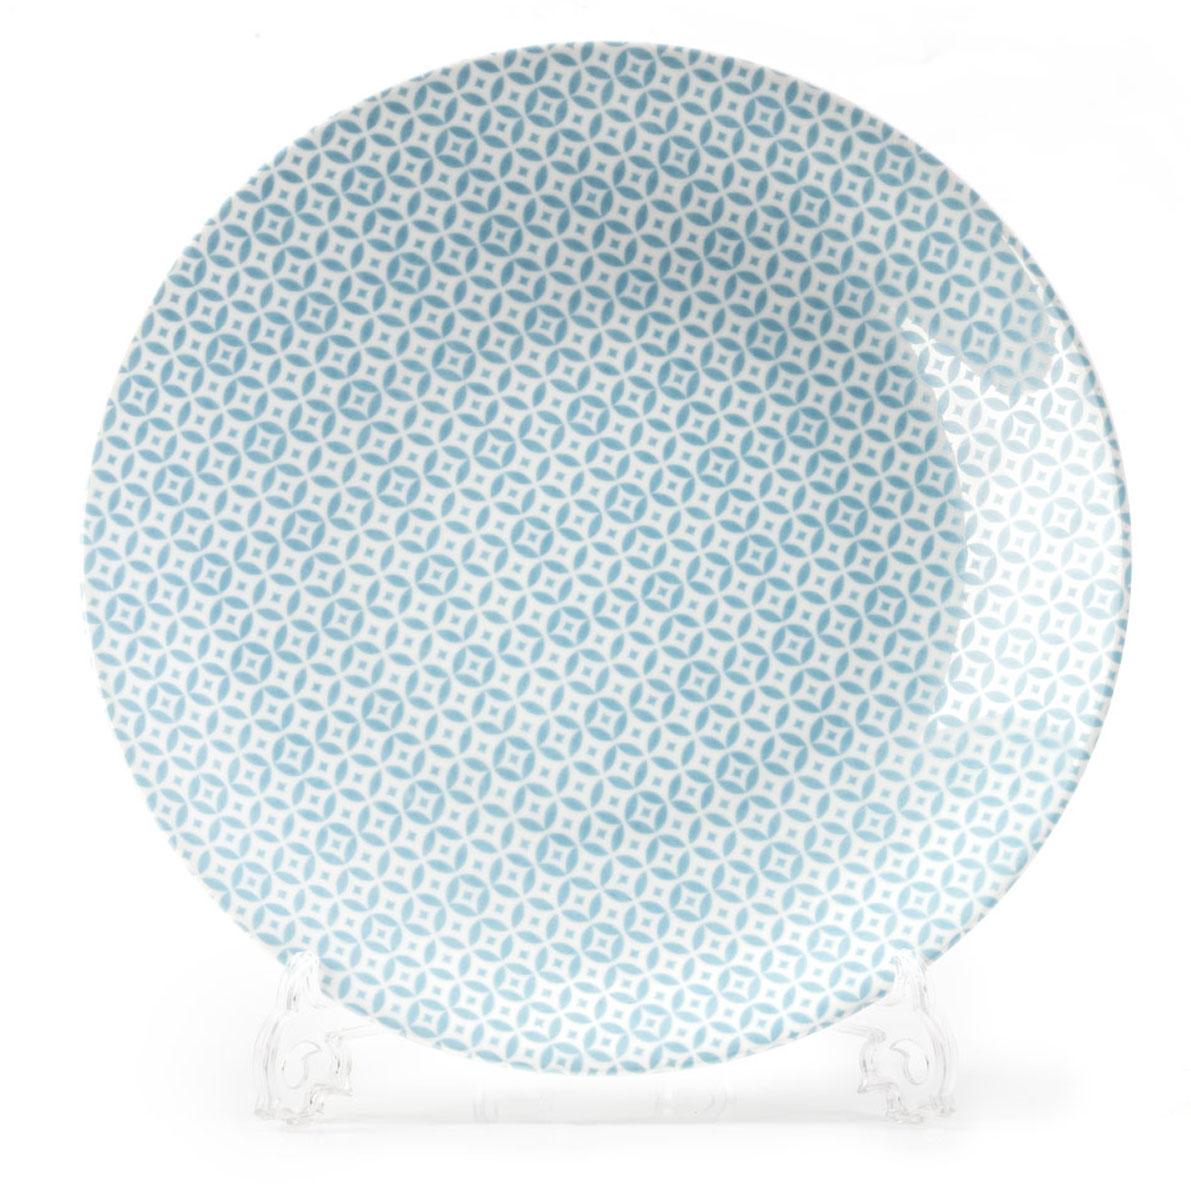 Тарелка La Rose des Sables Витон, цвет: голубой, диаметр 27 см720127 2303Тарелка La Rose des Sables Витон выполнена из тунисского фарфора, изготовленного из уникальной белой глины, которую добывают во французской провинции Лимож. Фарфоровая тарелка из знаменитой Лиможской глины. Фарфор превосходного качества. Благодаря двойному термическому обжигу, этот тонкостенный фарфор обладает высокой ударопрочностью, жаропрочностью и великолепным блеском глазури. Тарелка идеально подходит для повседневного использования. Отлично смотрится в любом интерьере.Можно использовать в СВЧ печи и мыть в посудомоечной машине. Диаметр: 27 см.